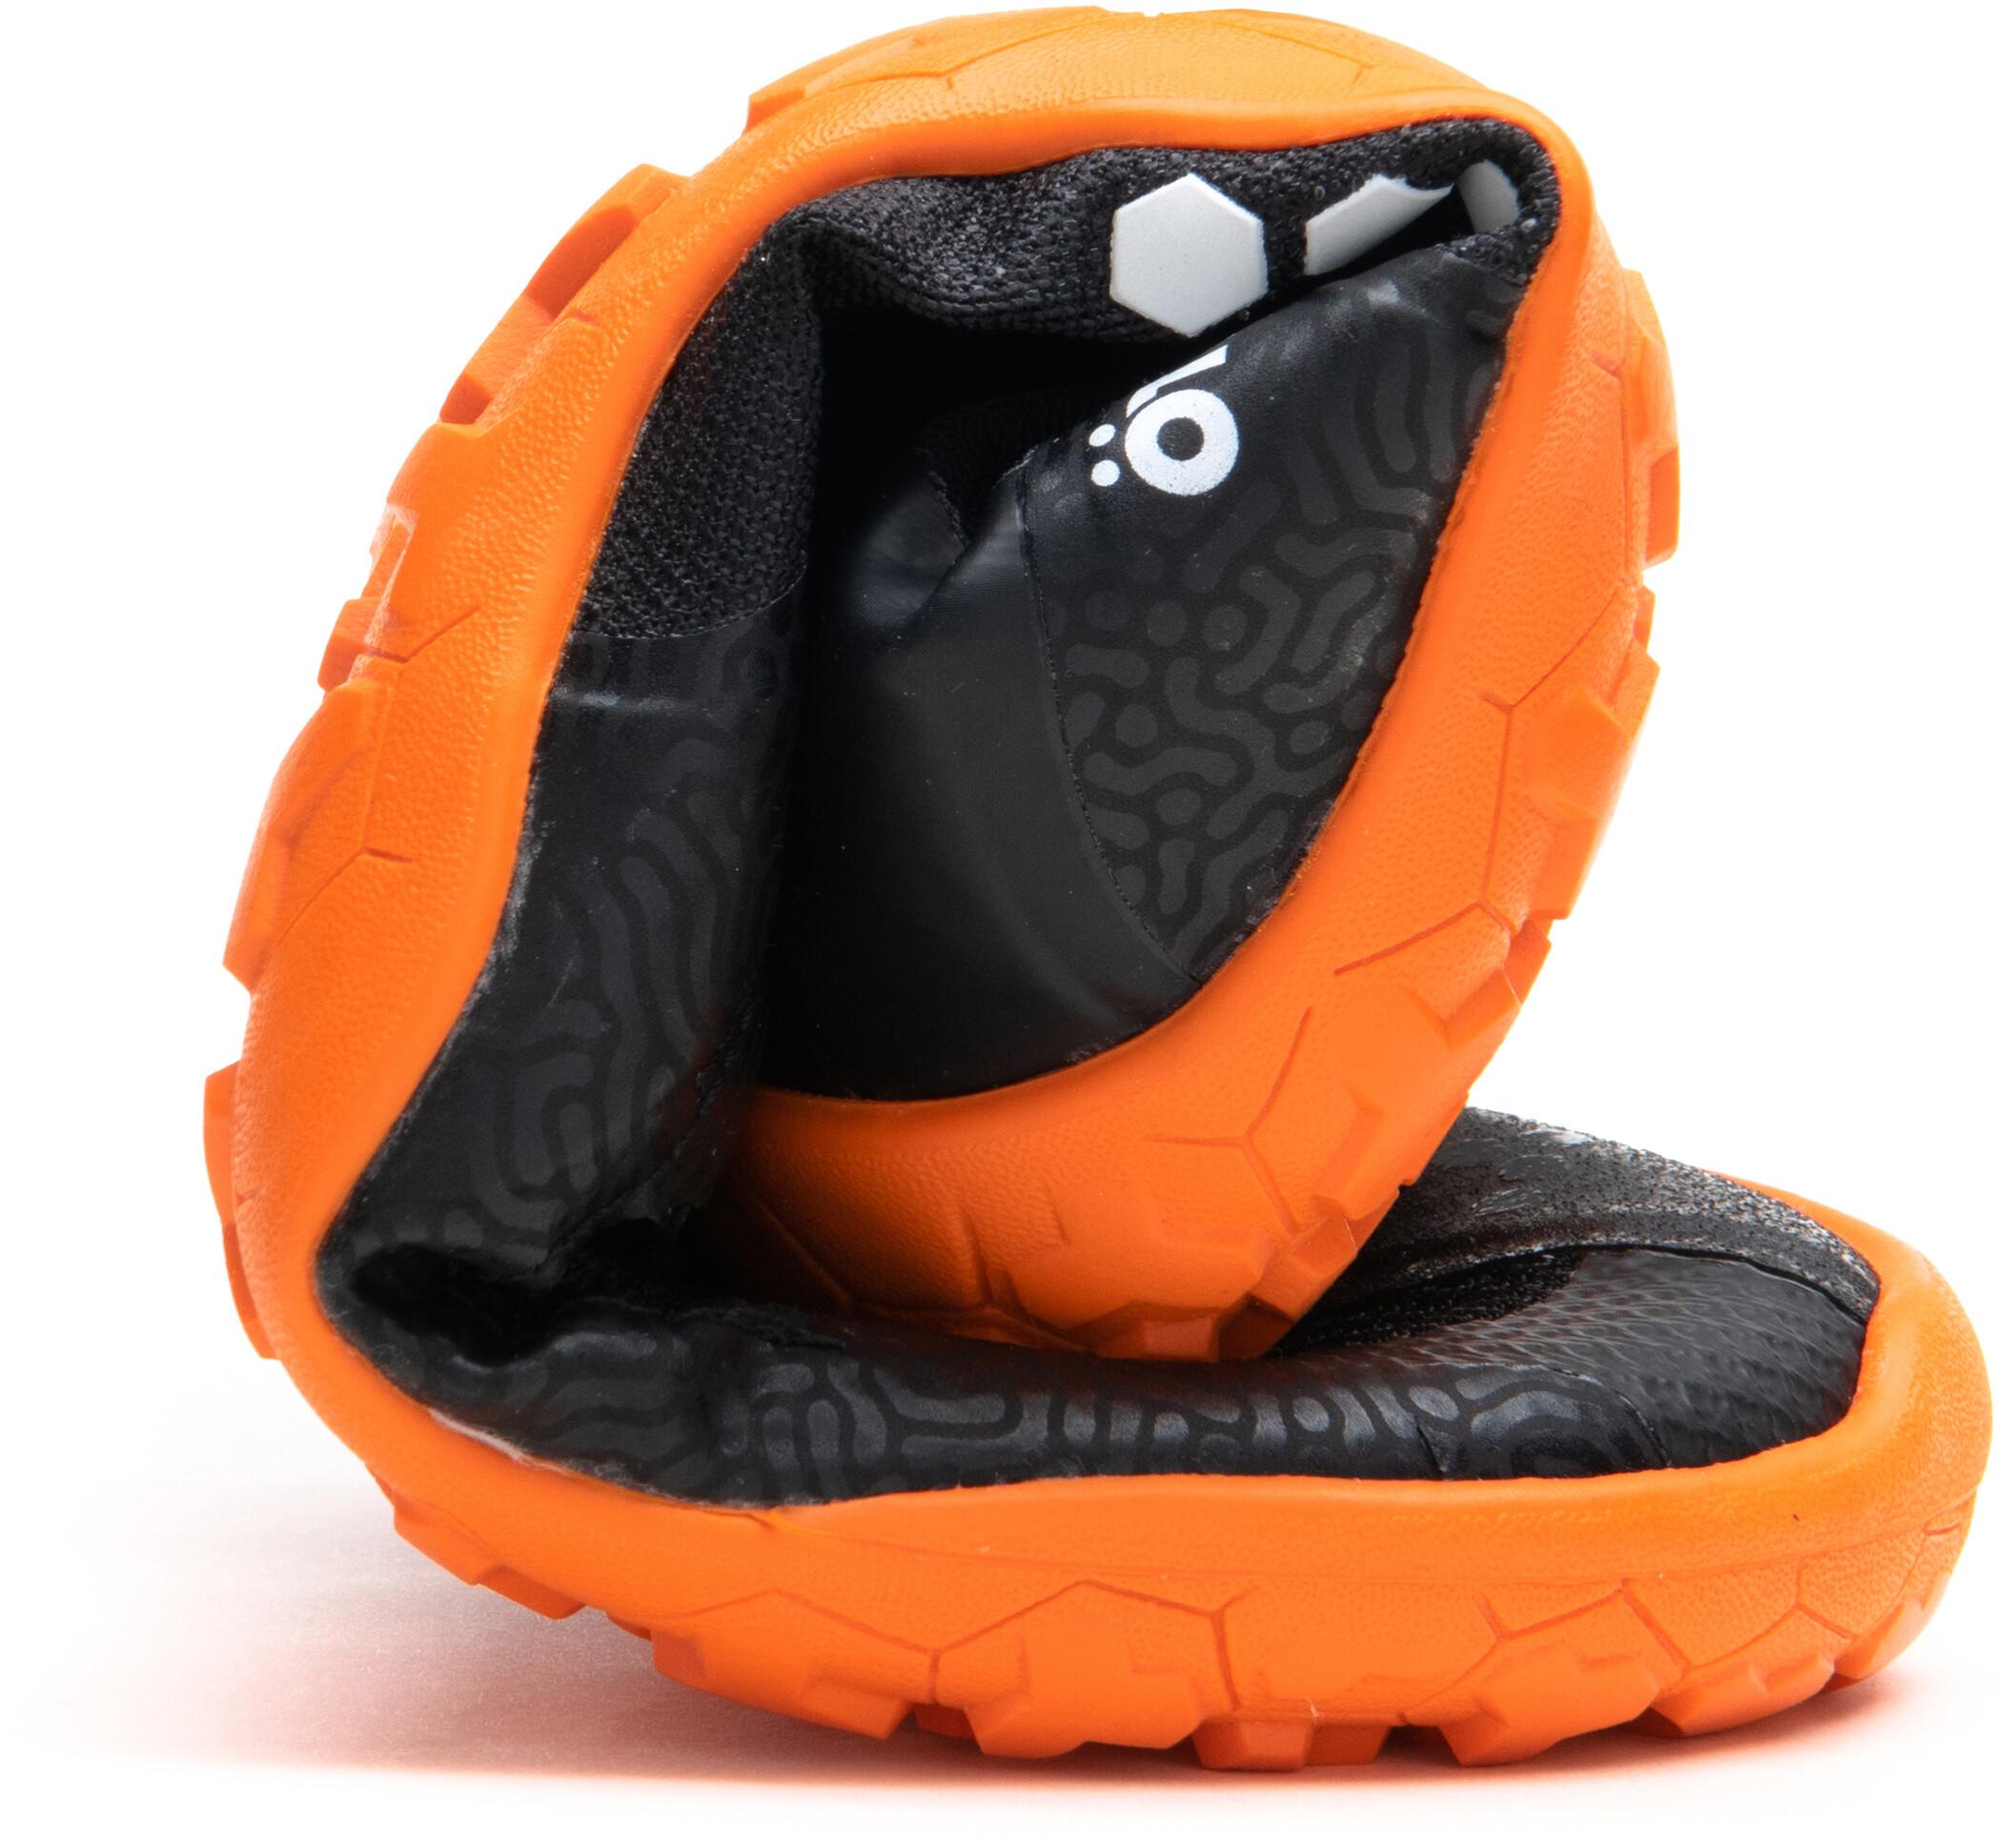 7dd8675b74ba1a Vivobarefoot Primus Swimrun FG Mesh - Chaussures running Homme - orange/noir